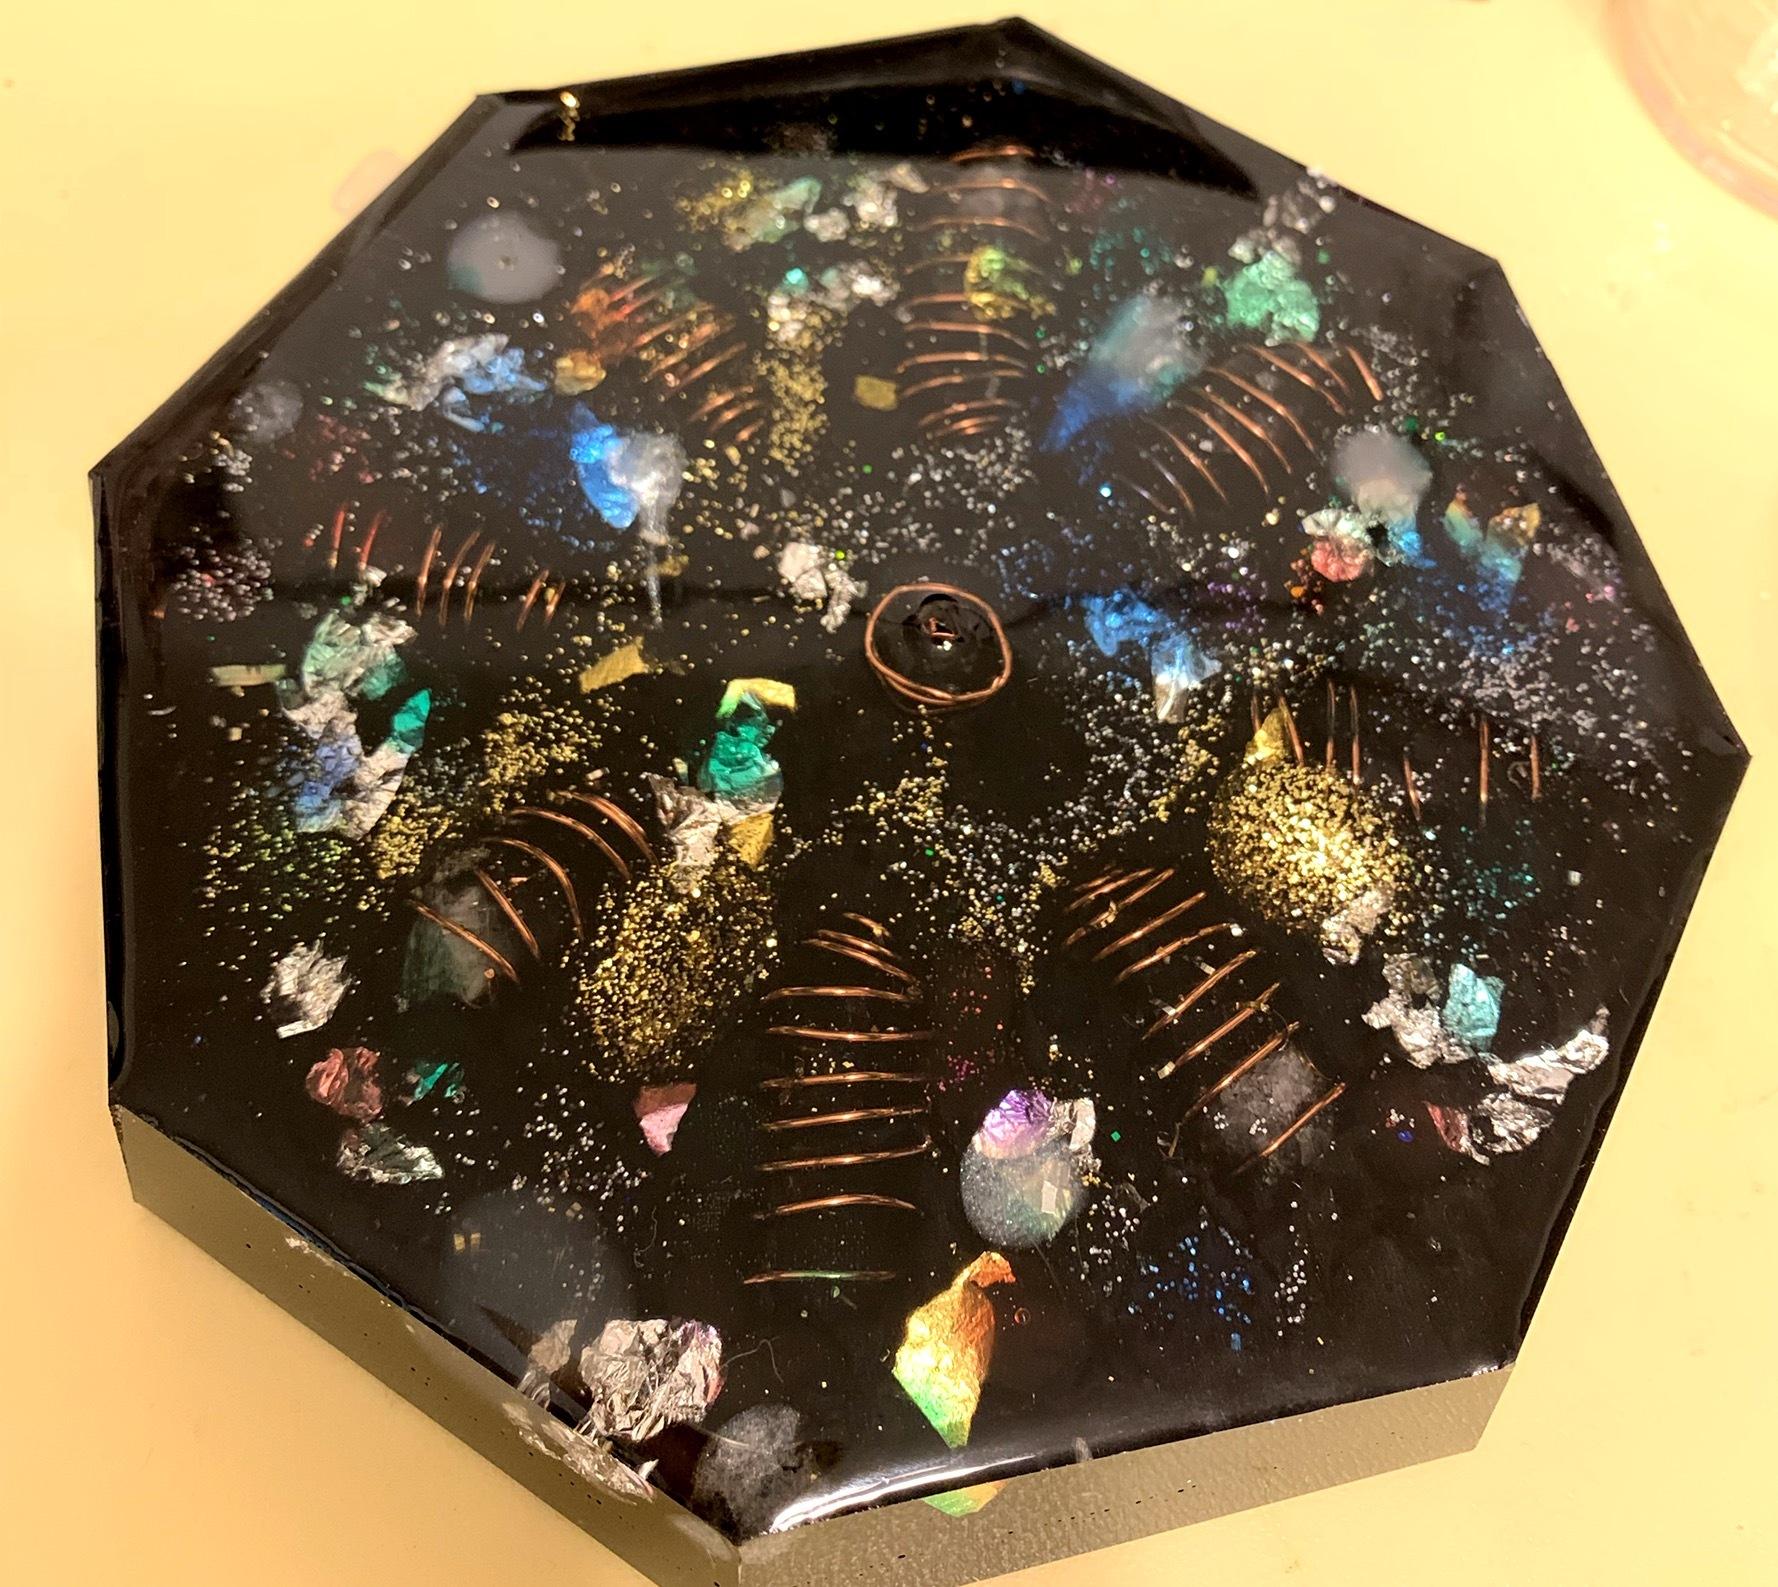 【宇宙オルゴナイト】八角浄化プレート-媒体石、エッセンシャルオイル付き